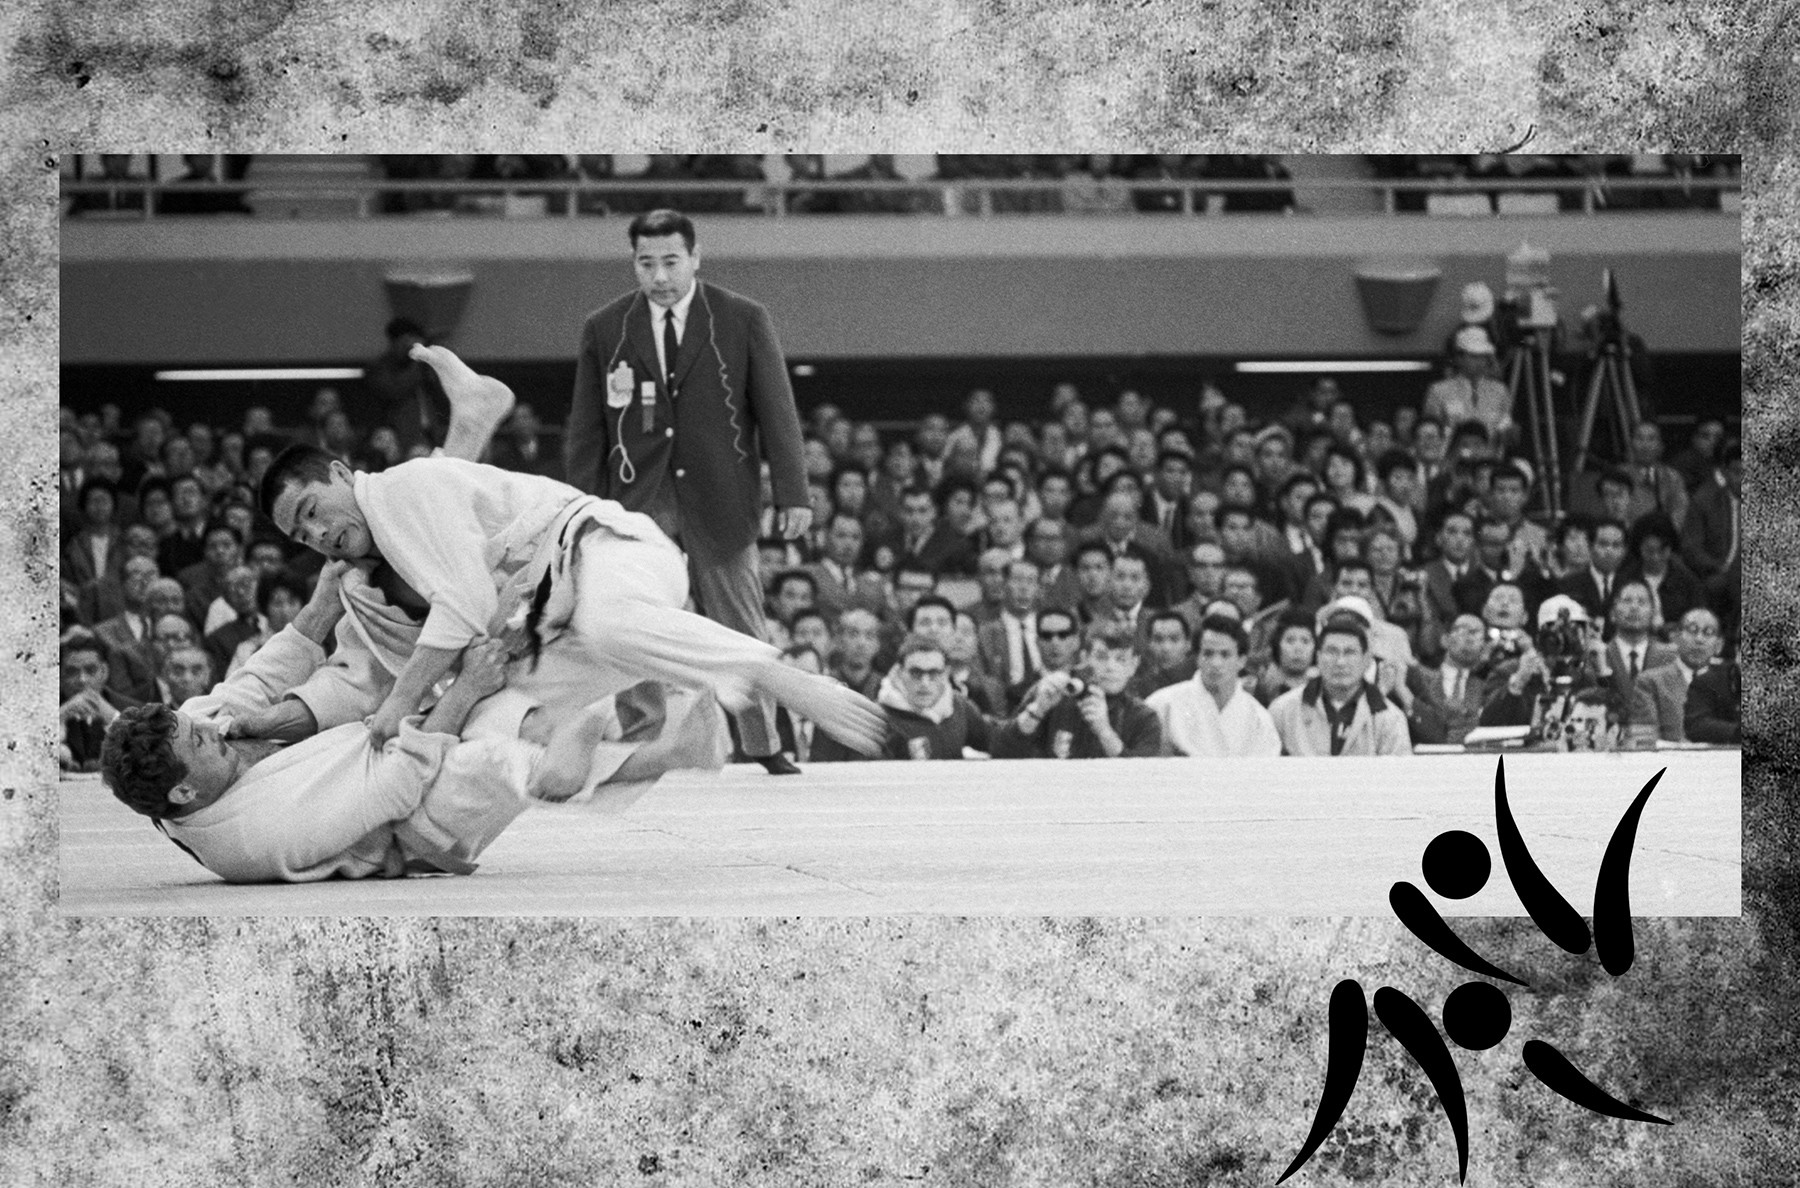 Competición de judo durante los Juegos Olímpicos de Tokio de 1964.